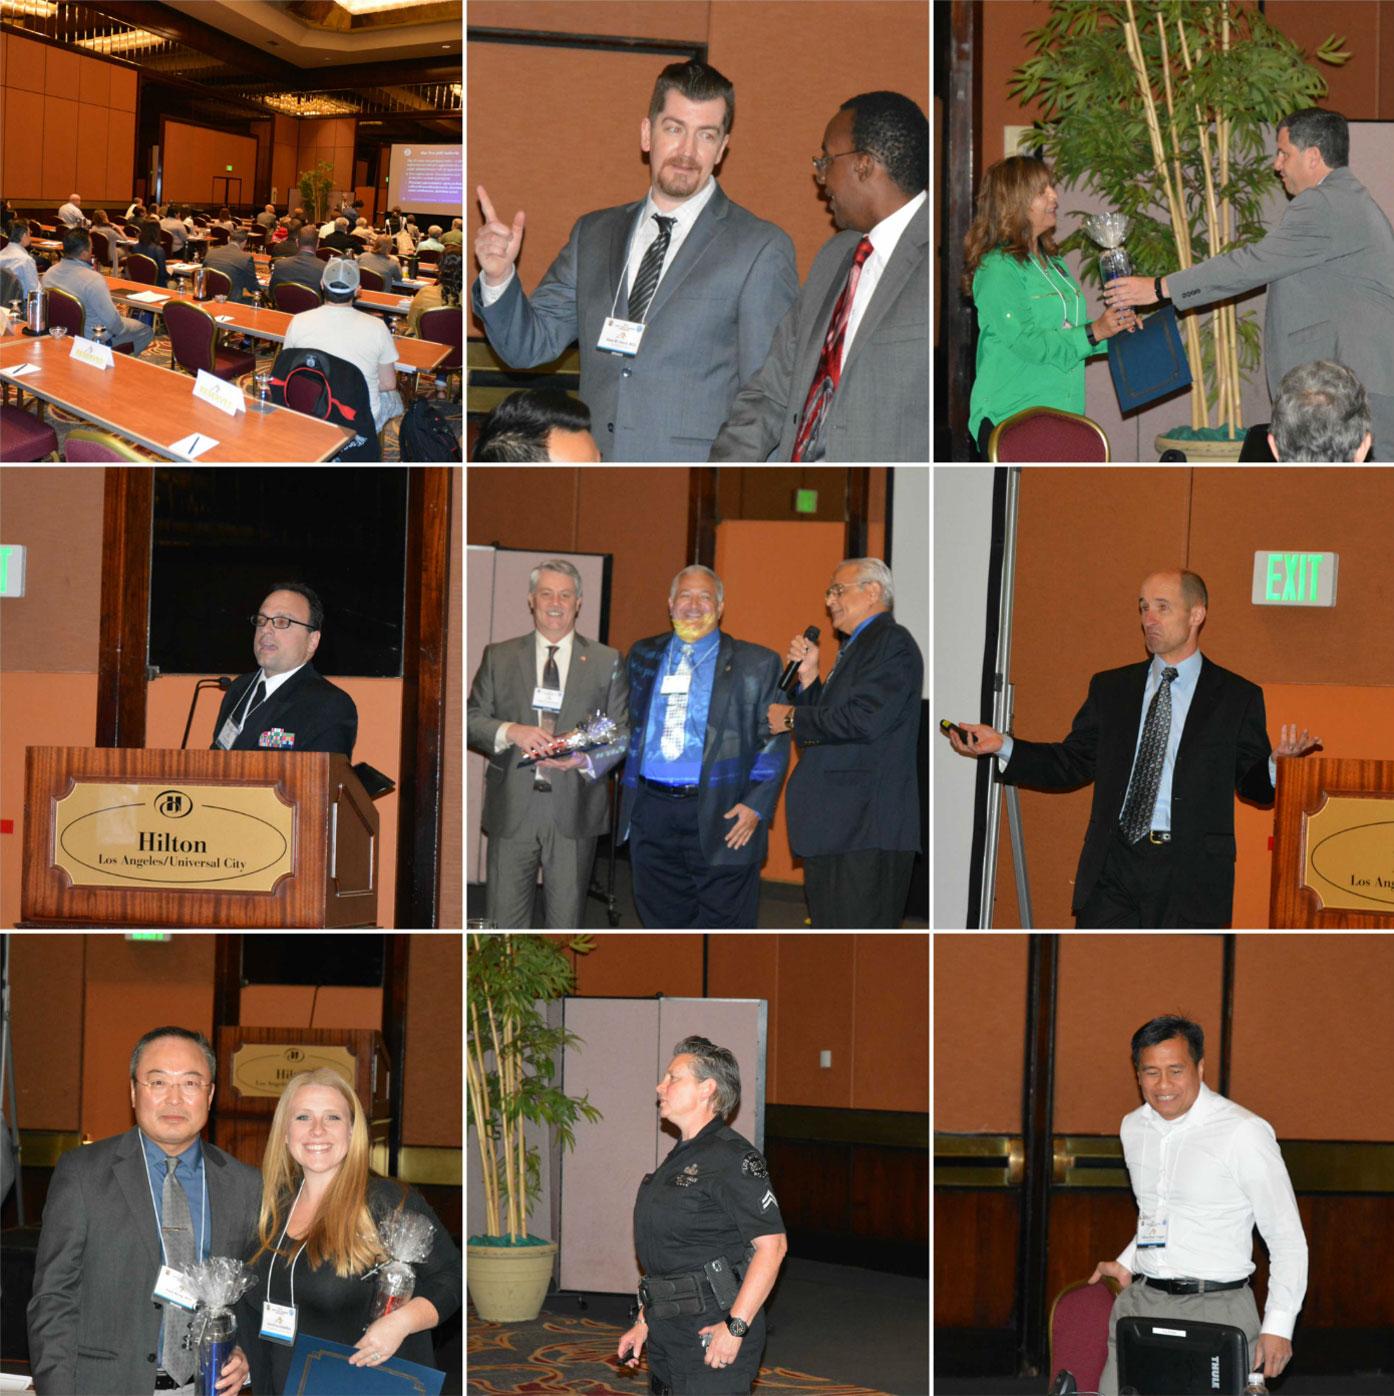 Photos of special event